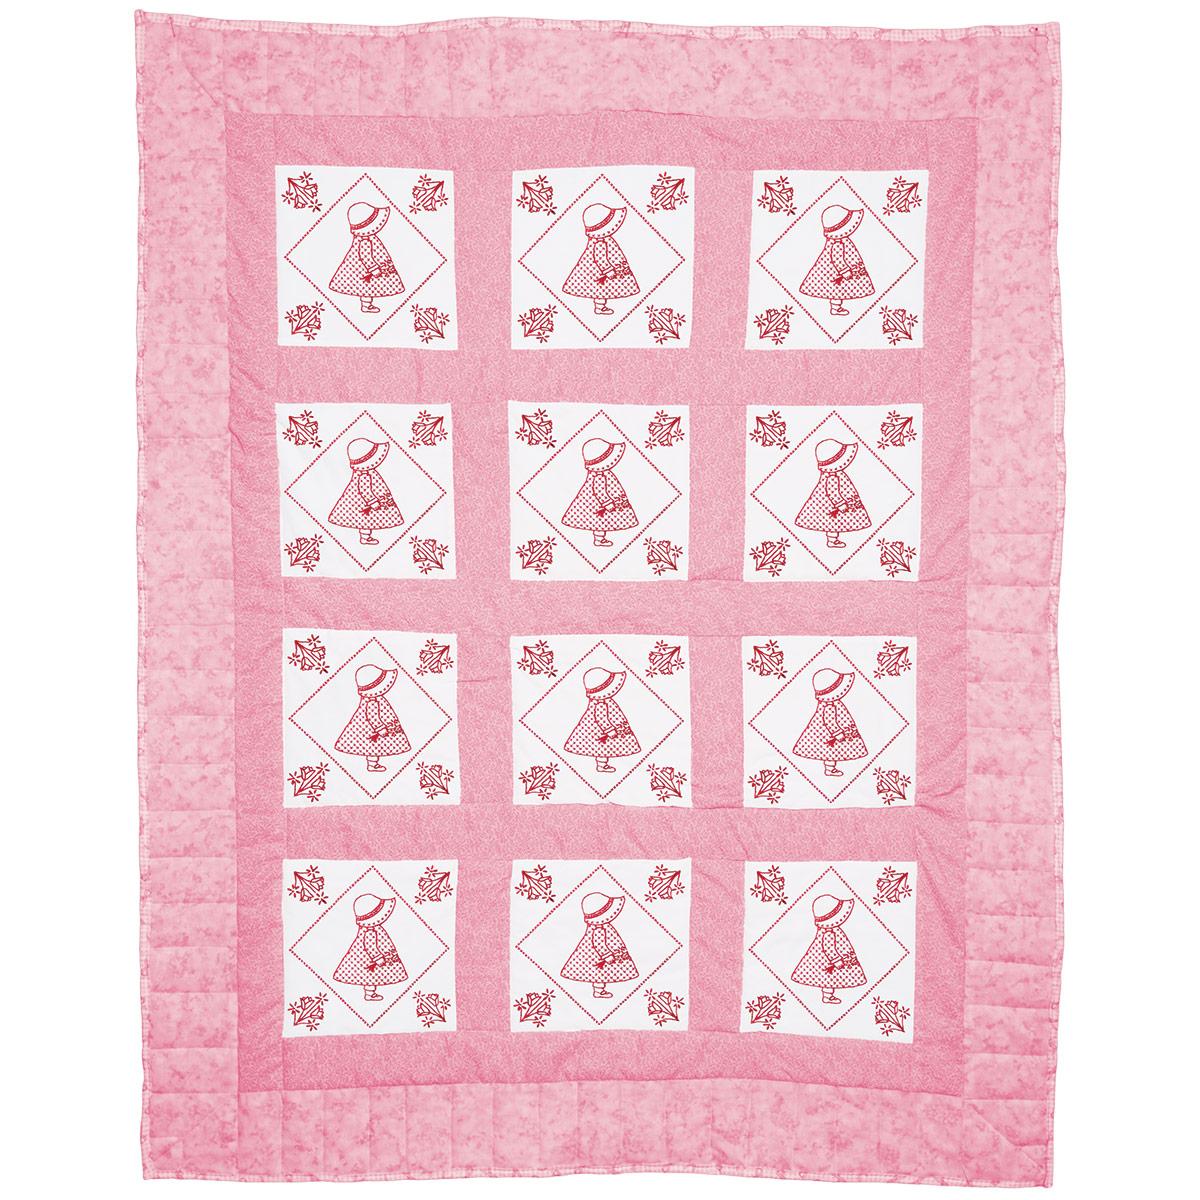 frre sunbonnet sue quilt pattern instructions